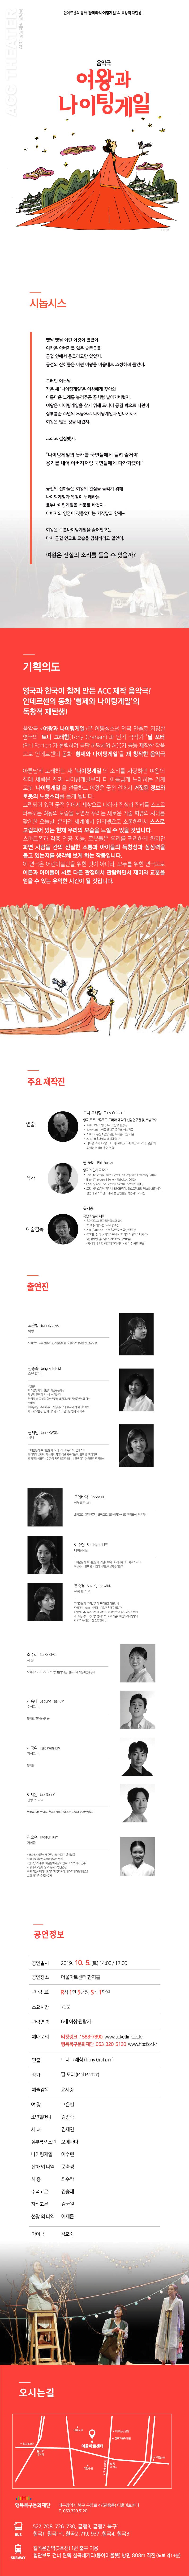 홈페이지_상세(여왕과나이팅게일).png